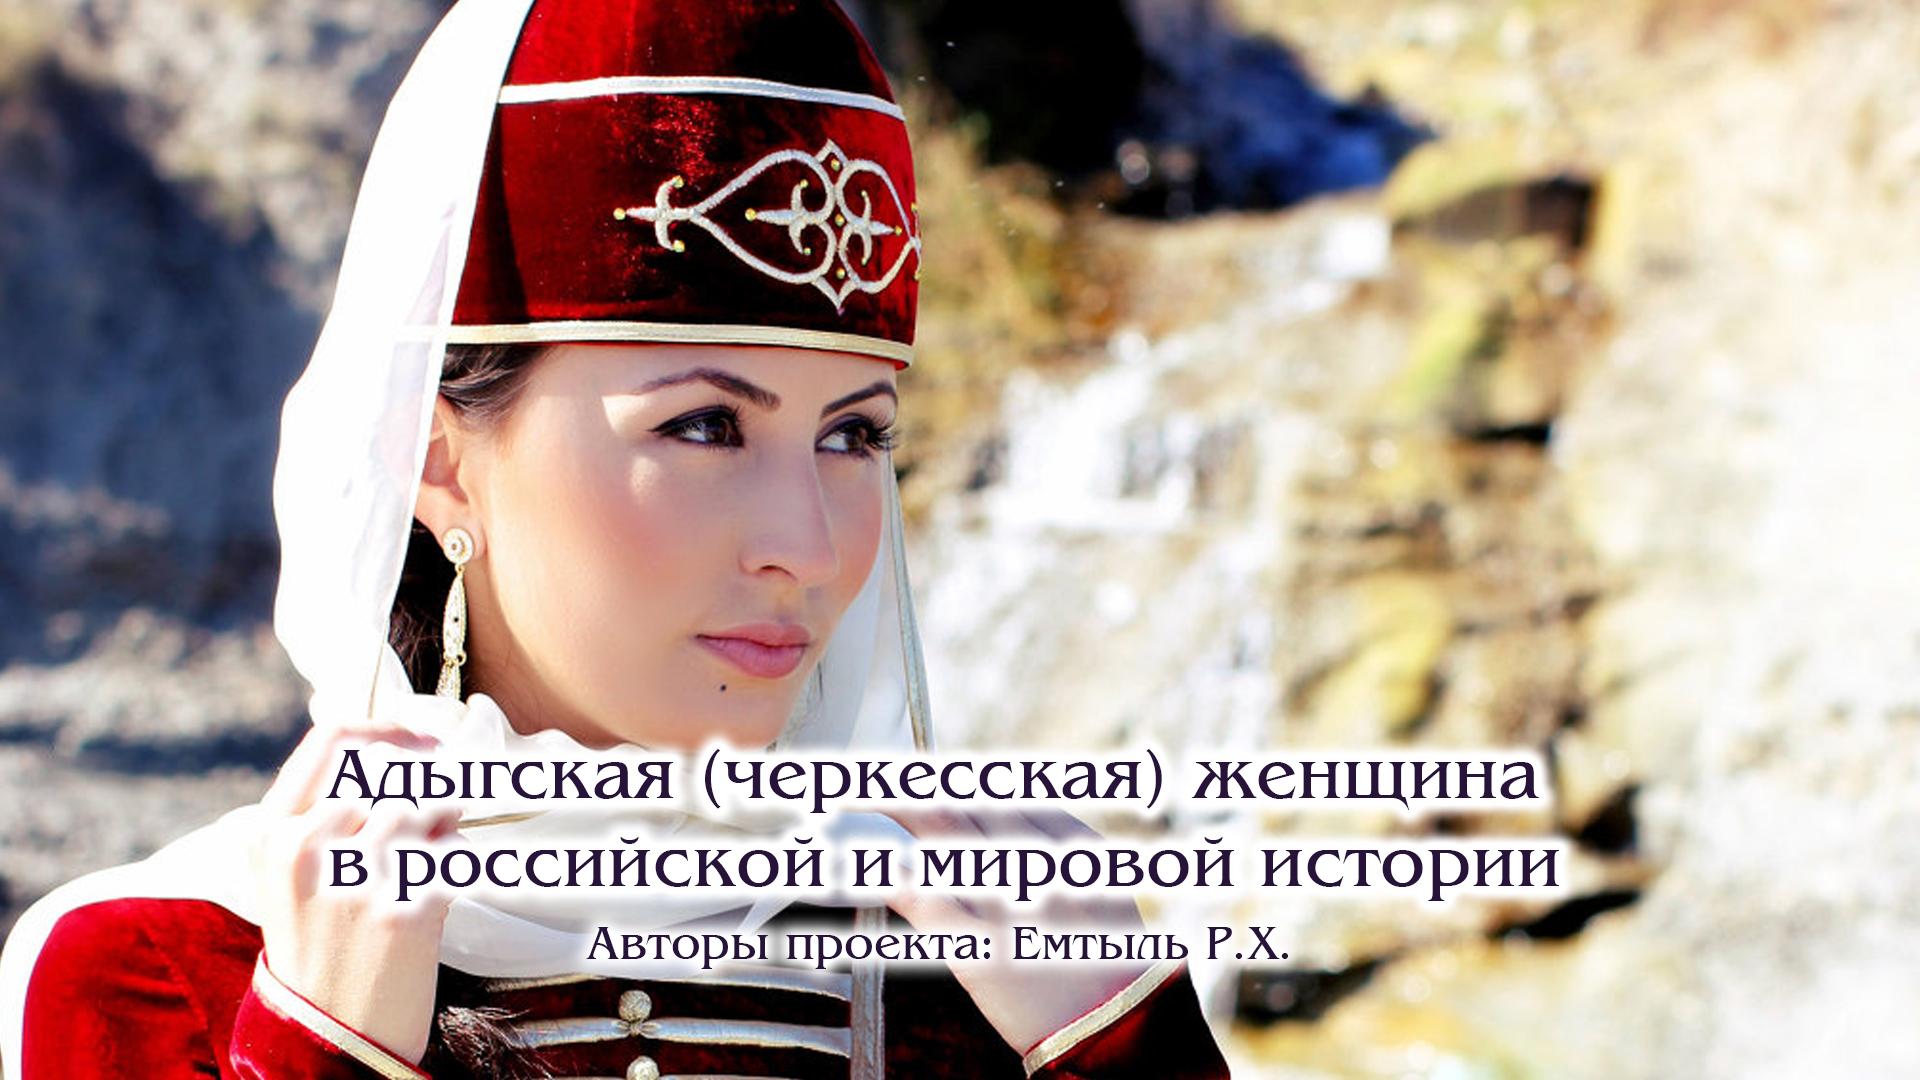 ПРОЕКТ: Адыгская (черкесская) женщина в российской и мировой истории